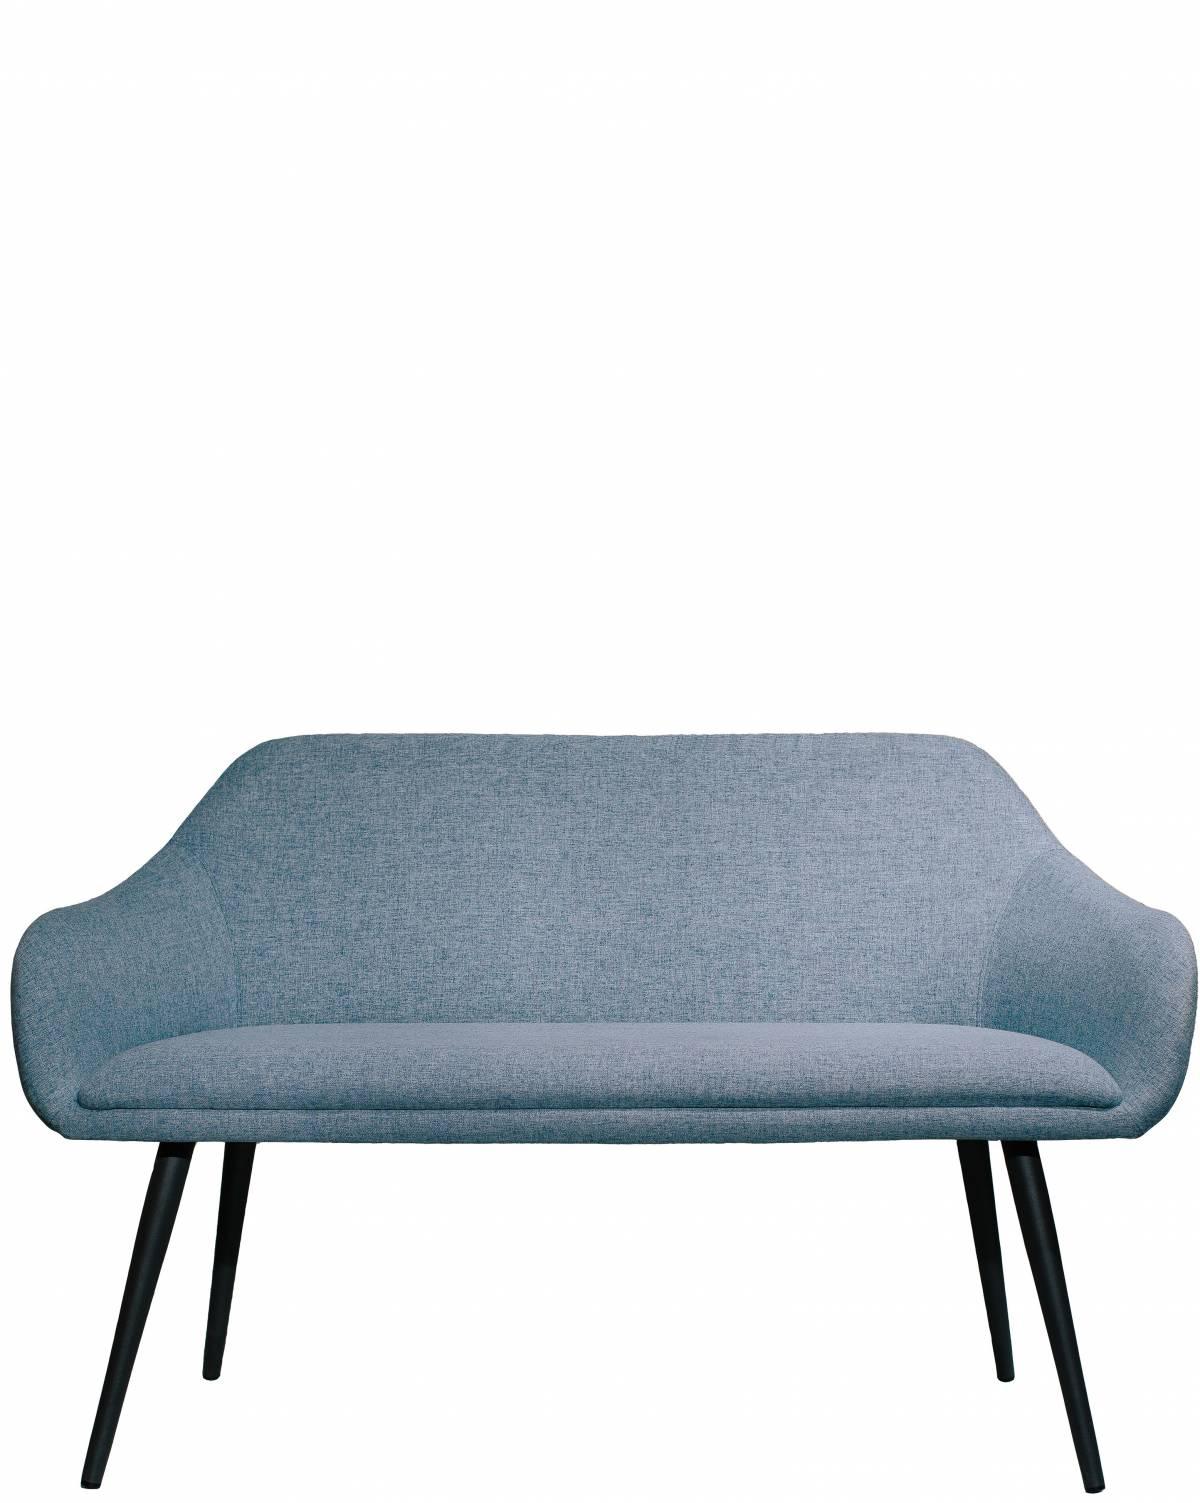 Купить диван - скамья Clara Sin в Raroom